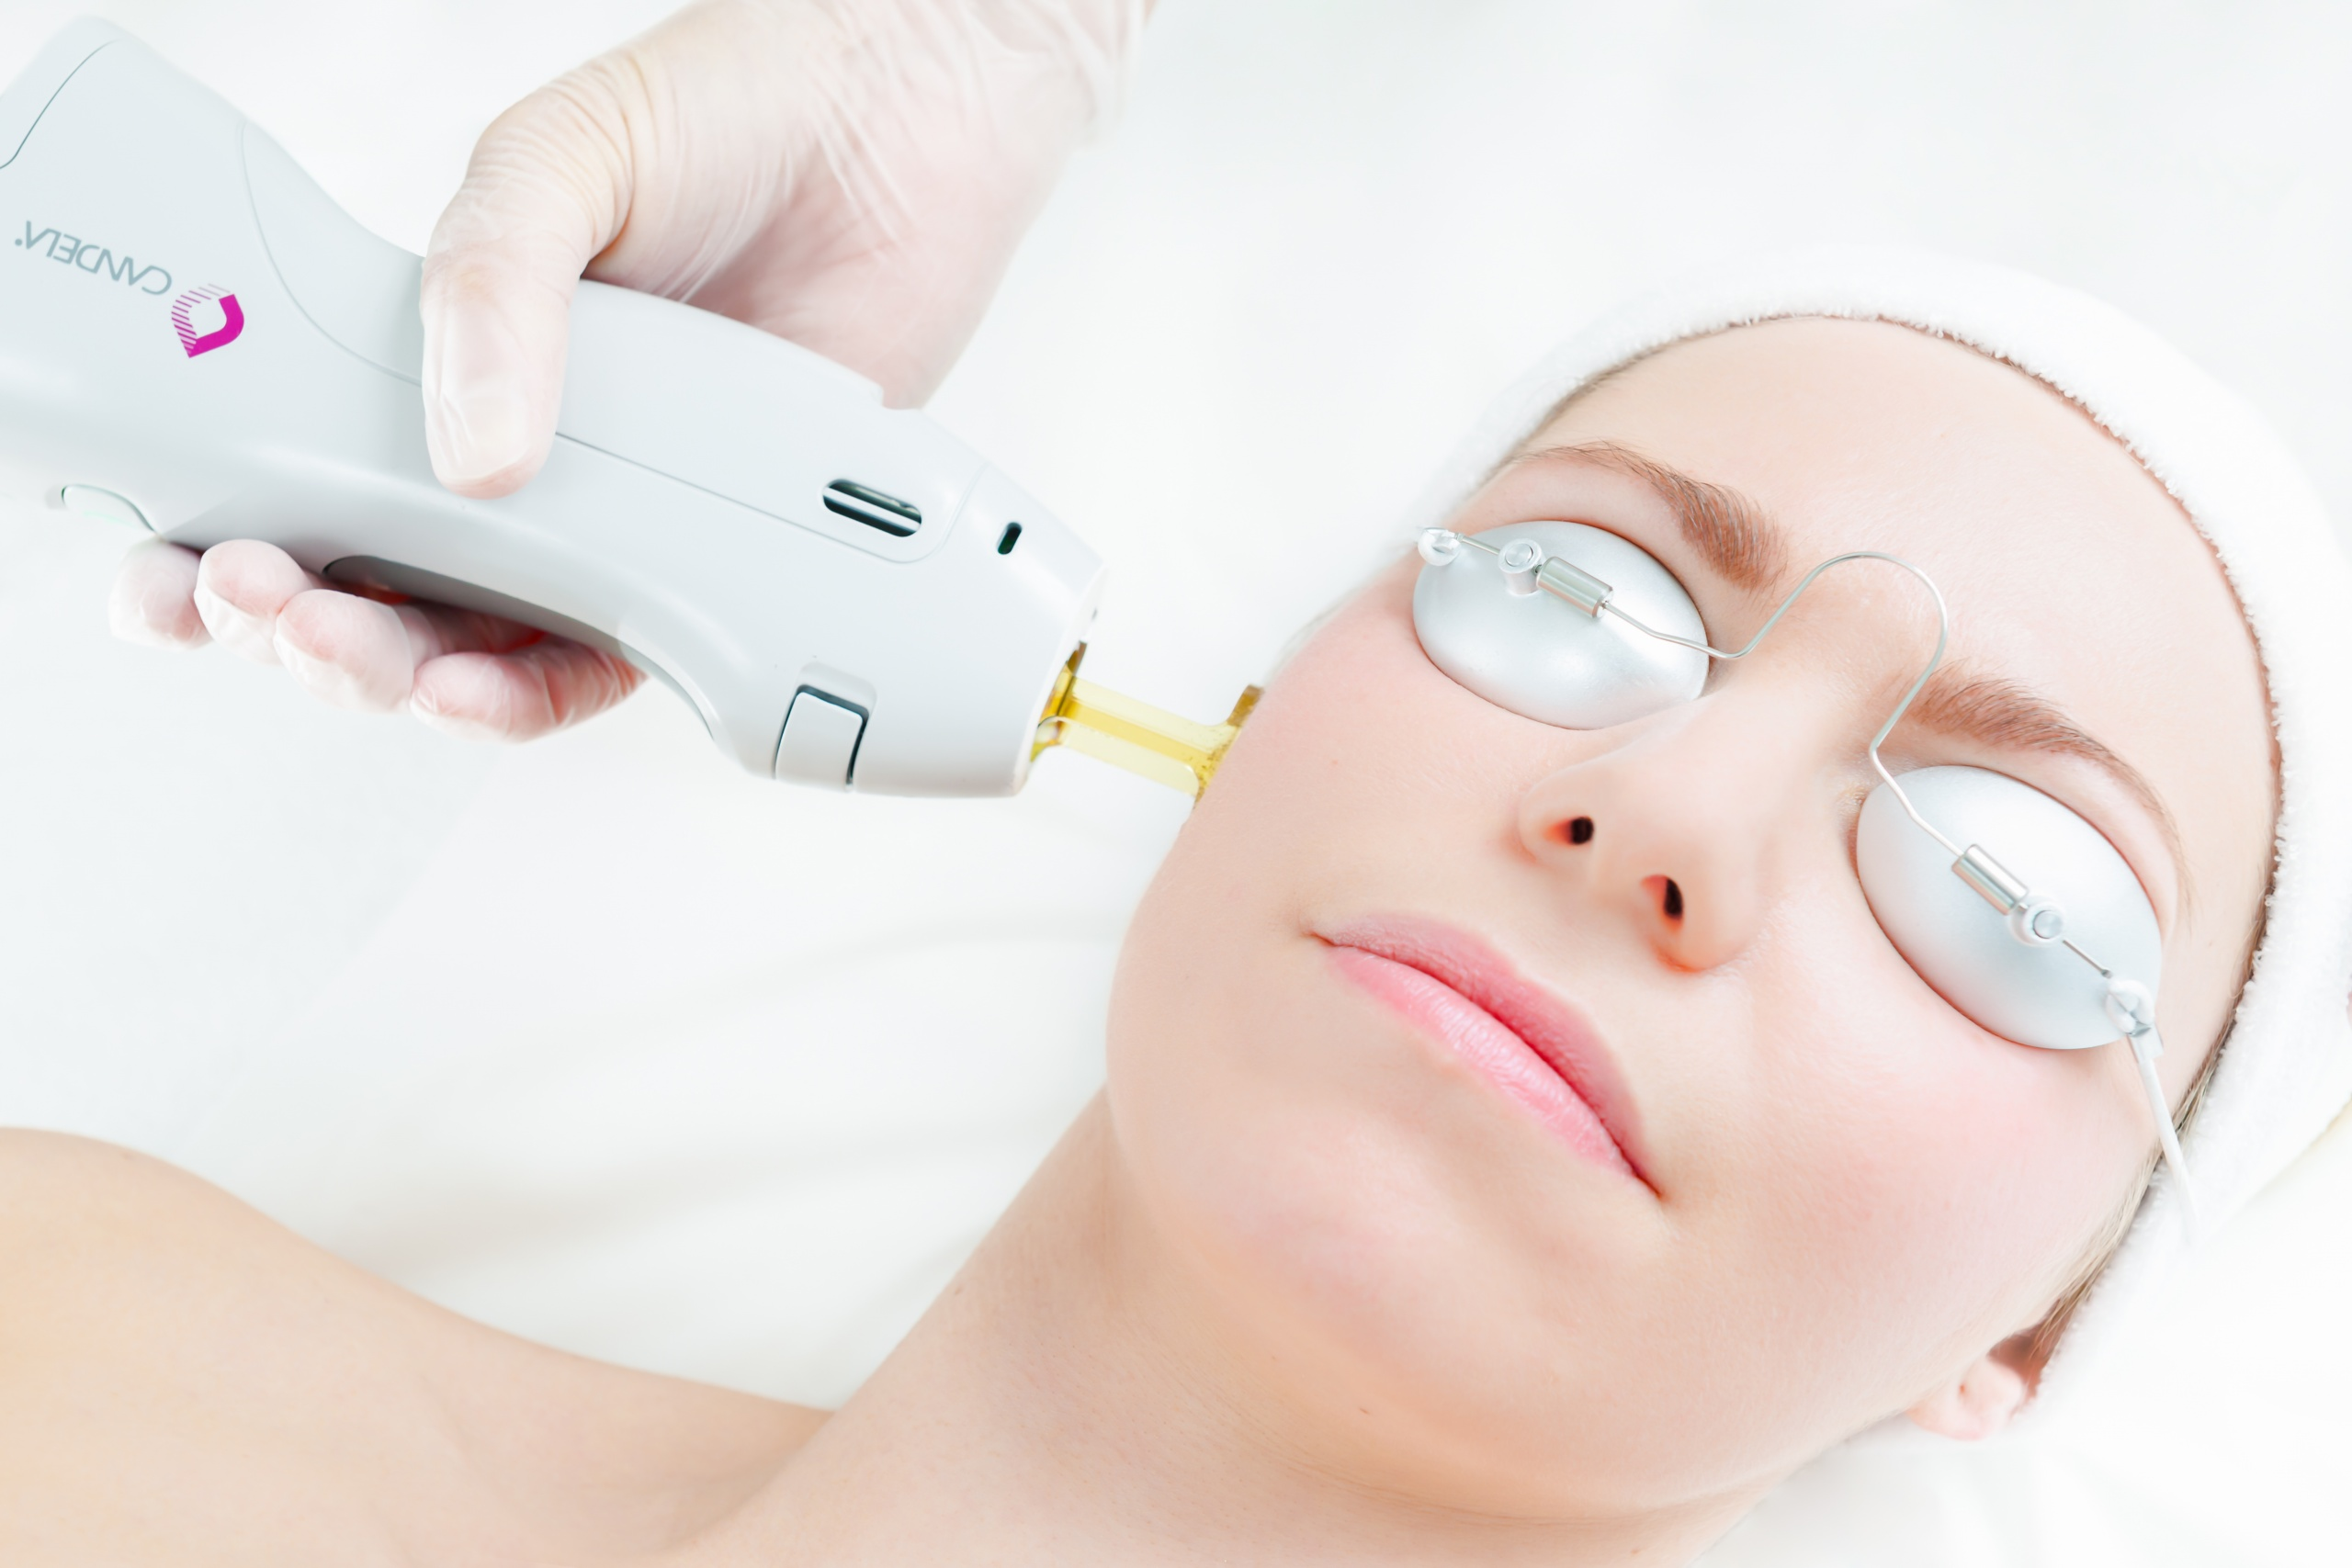 بررسی نکات مهم بعد از انجام لیزر موهای زائد در کلینیک زیبایی مهراز